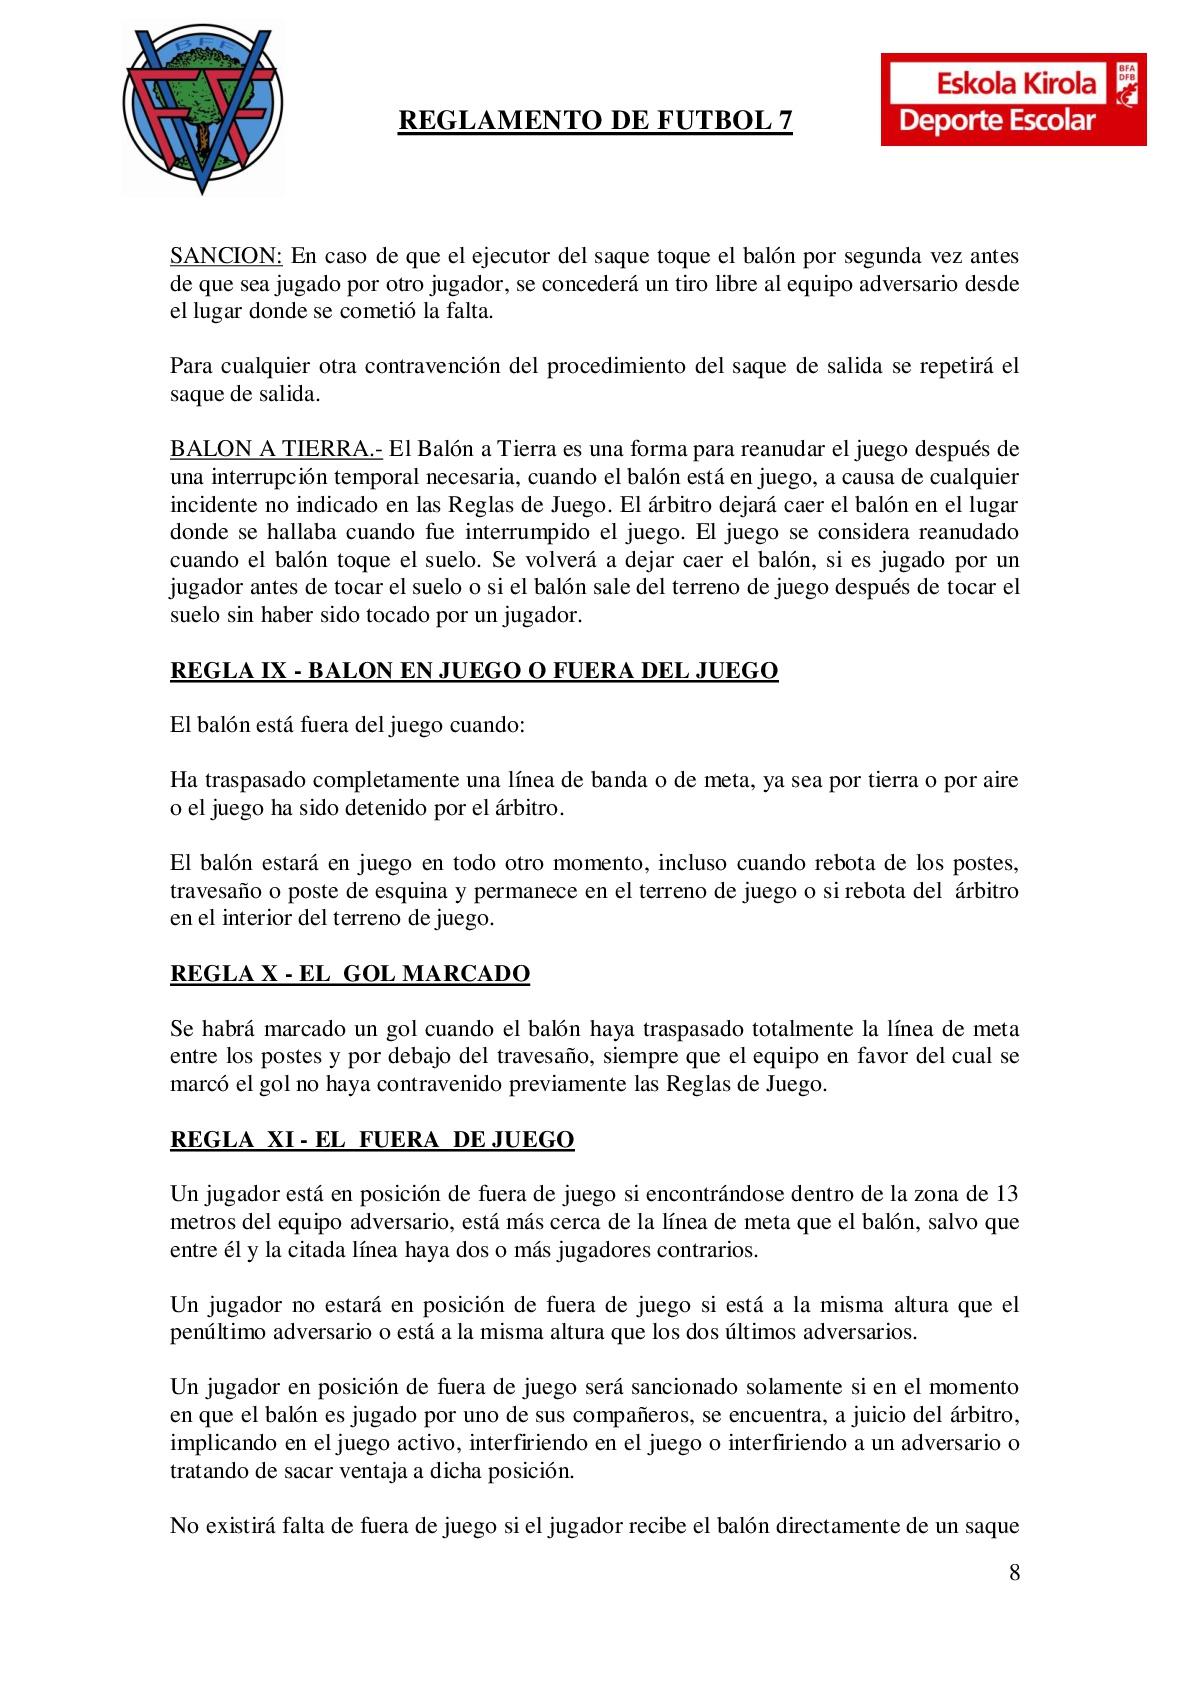 Reglamento-F7-008